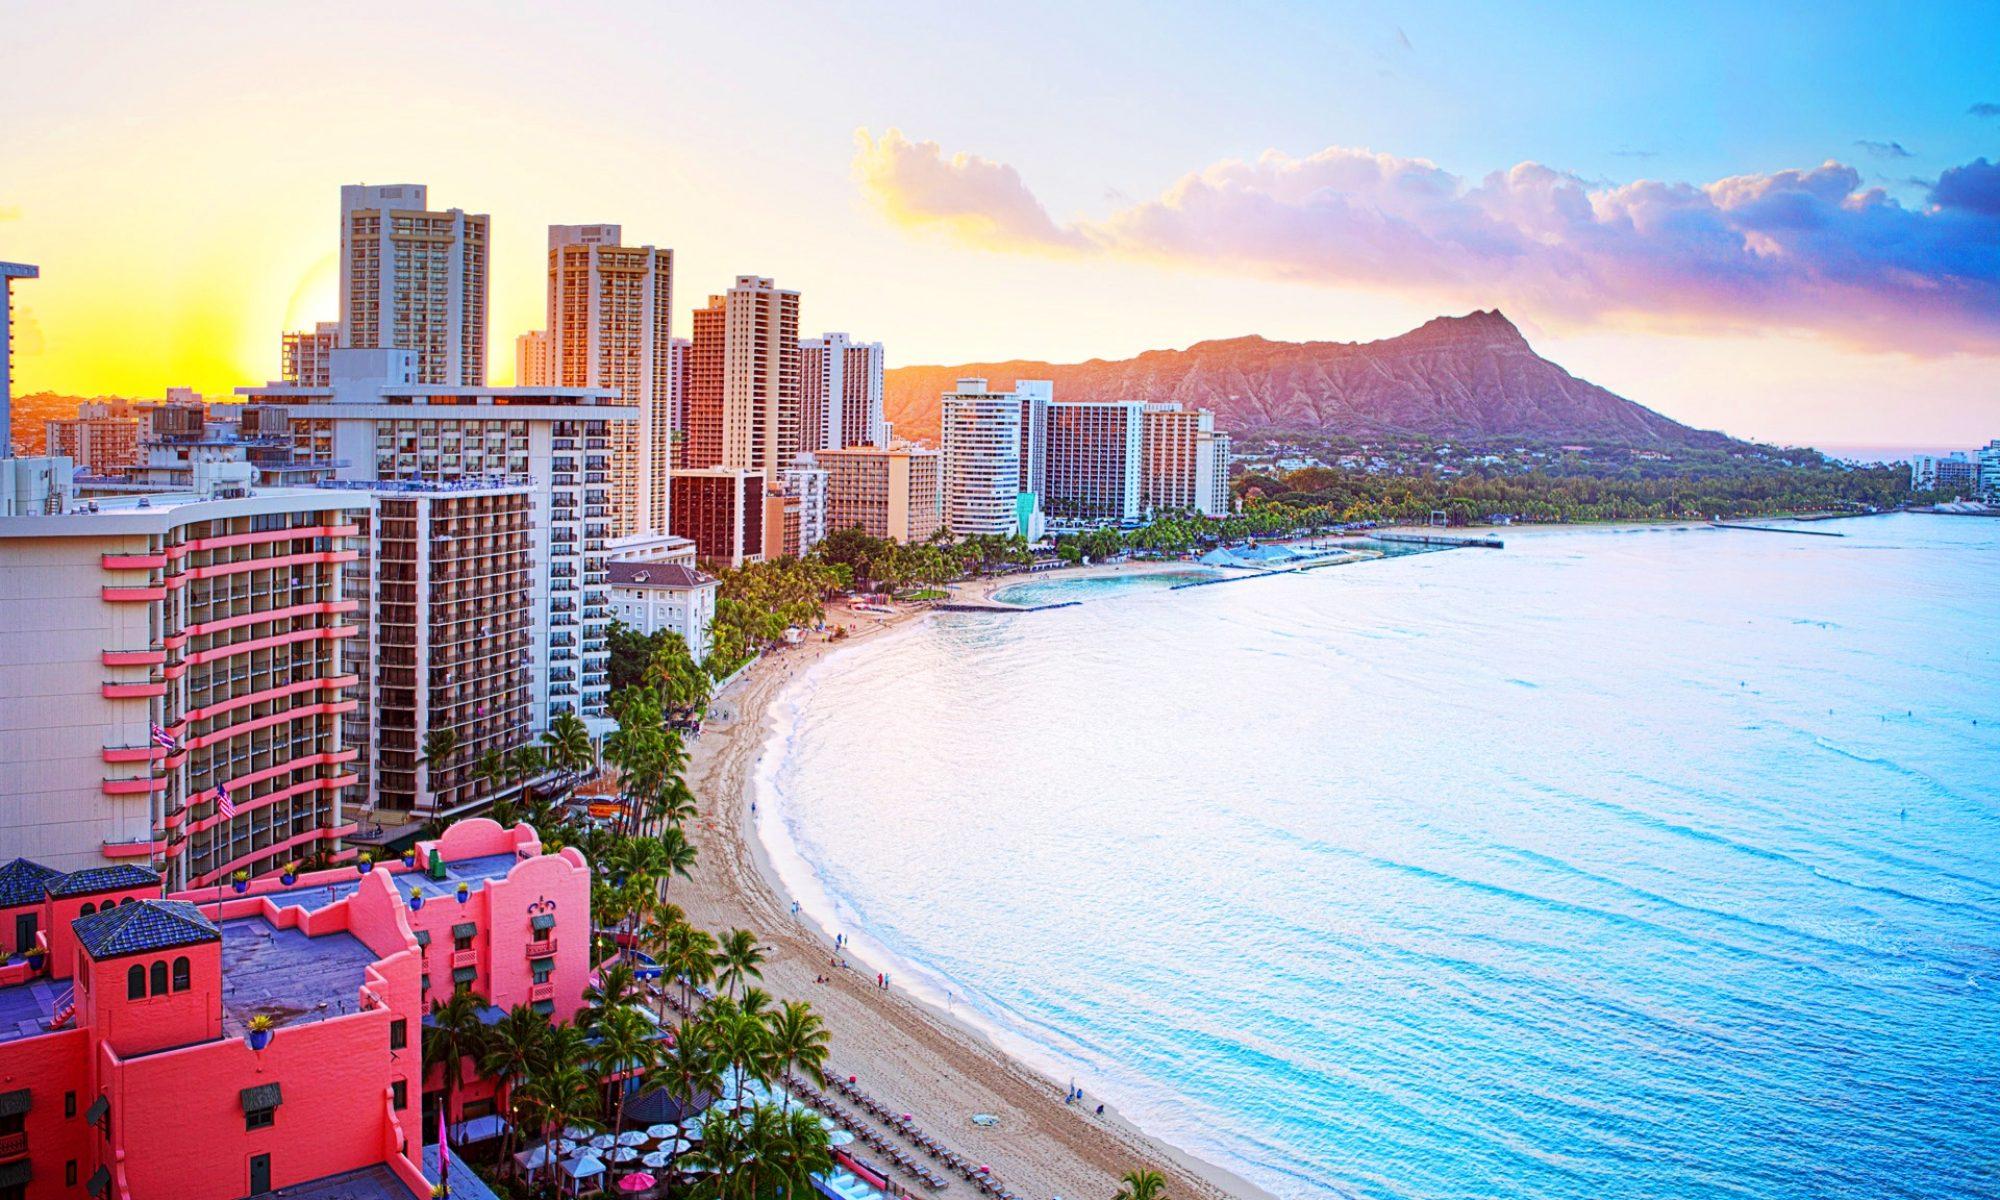 South West USA & Hawaii